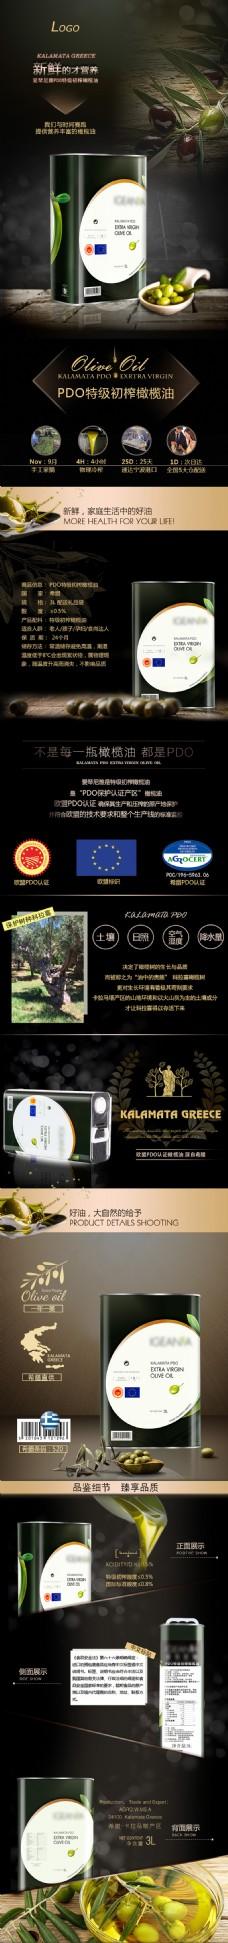 淘宝天猫京东食品橄榄油详情页模板